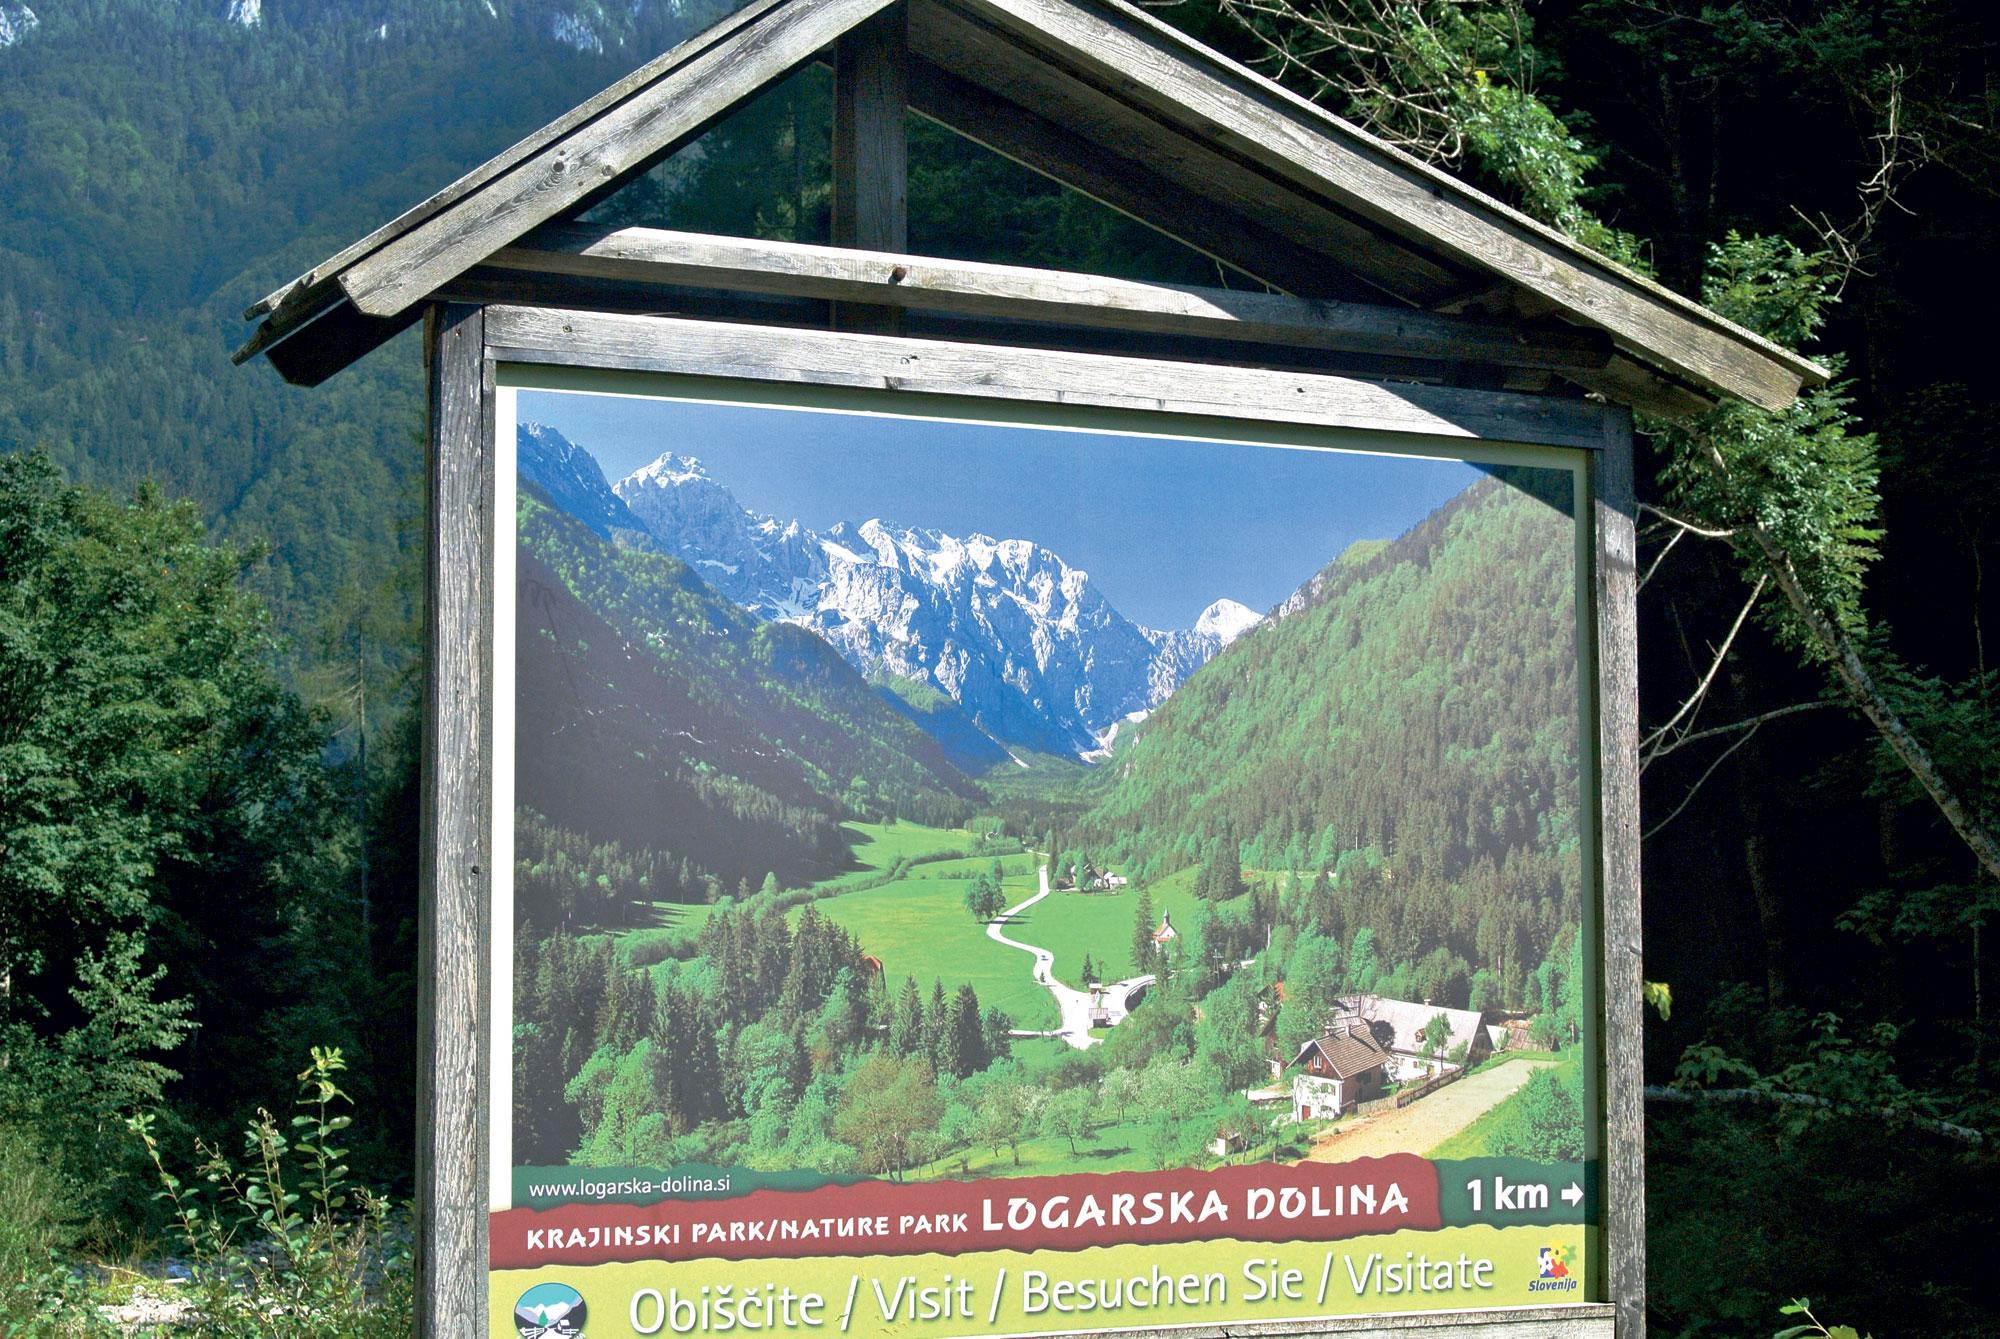 Logarska dolina - naraoslovna etnografska pot